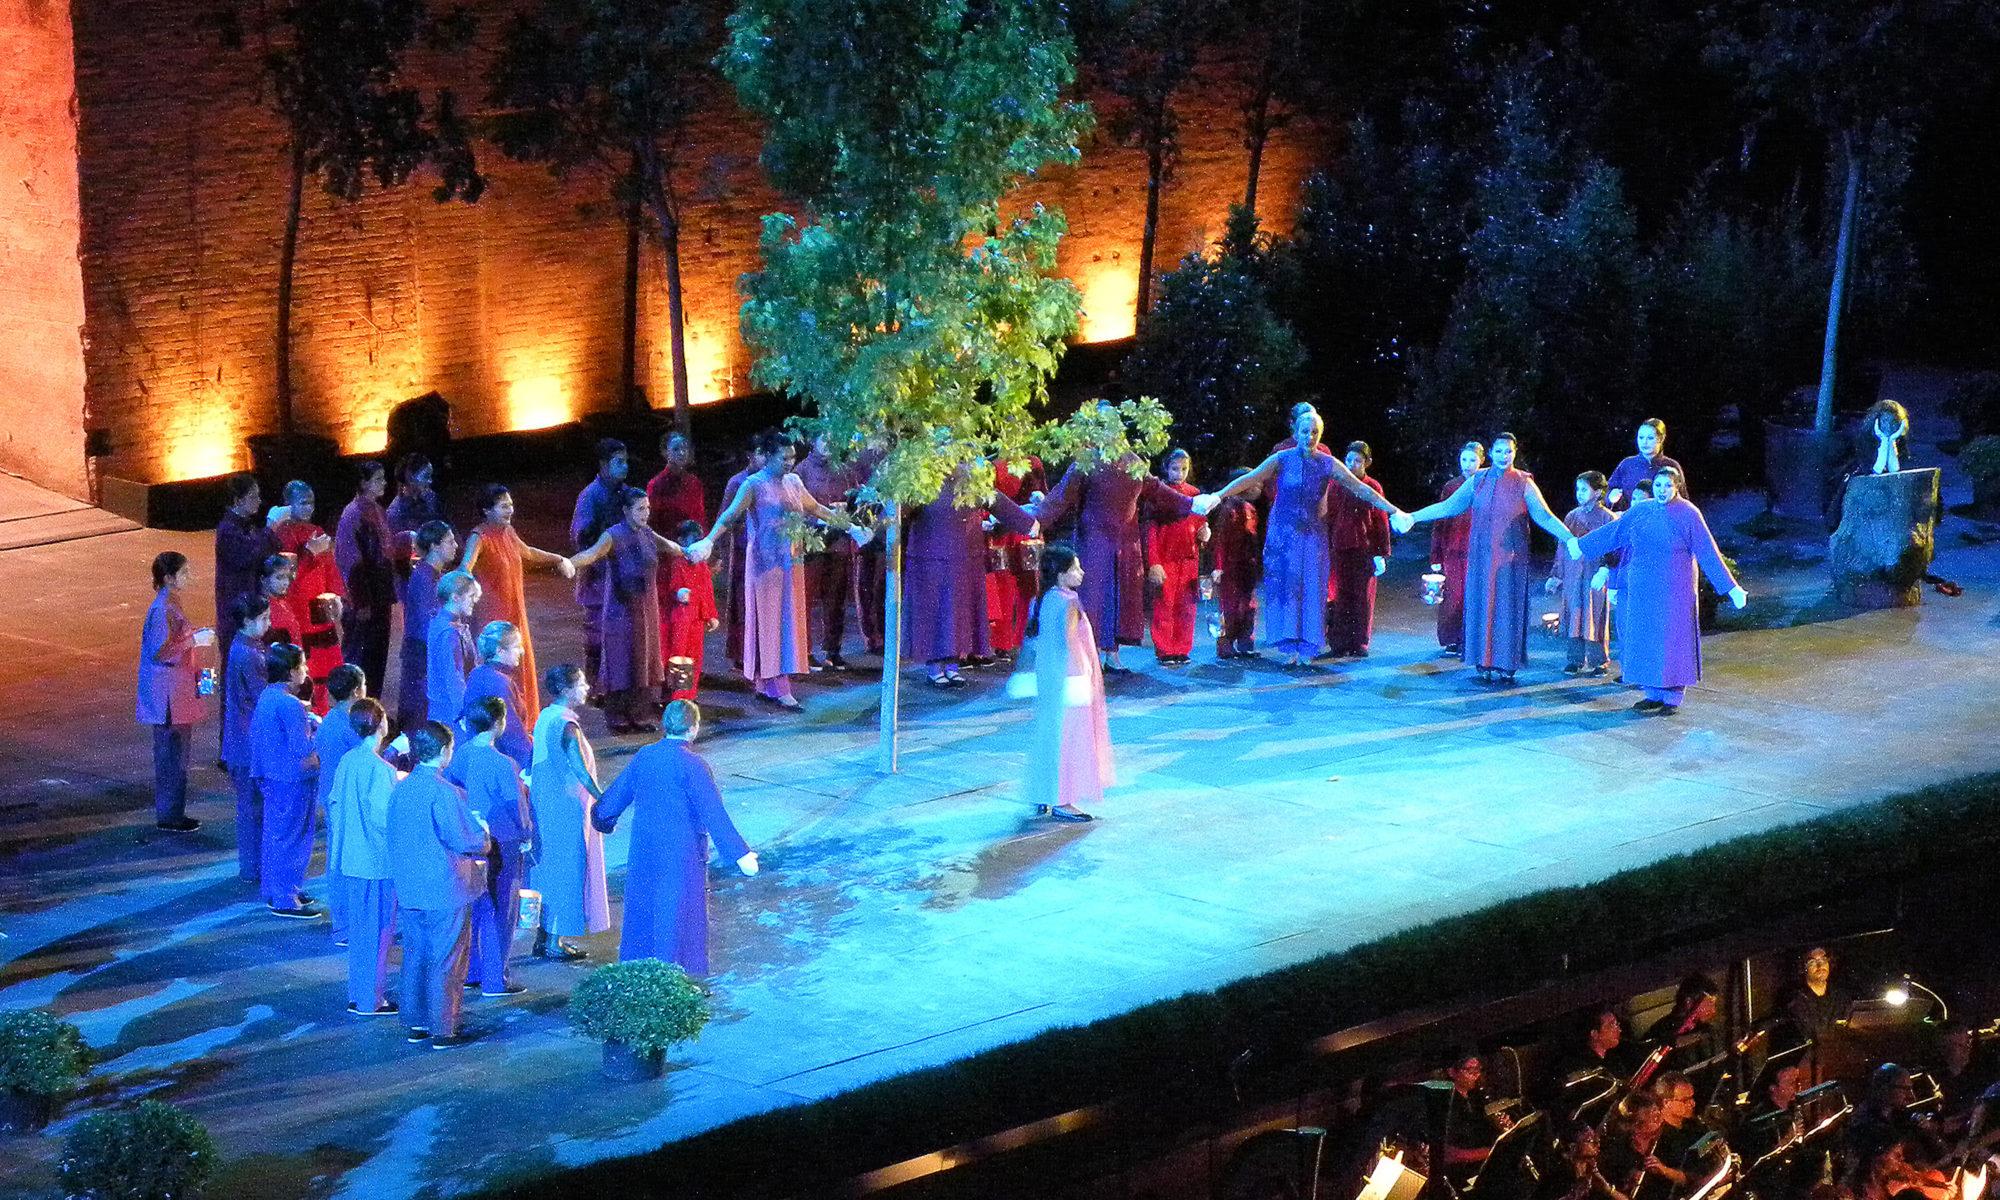 Sogno di Una notte di mezza estate, Macerata Opera, 2013